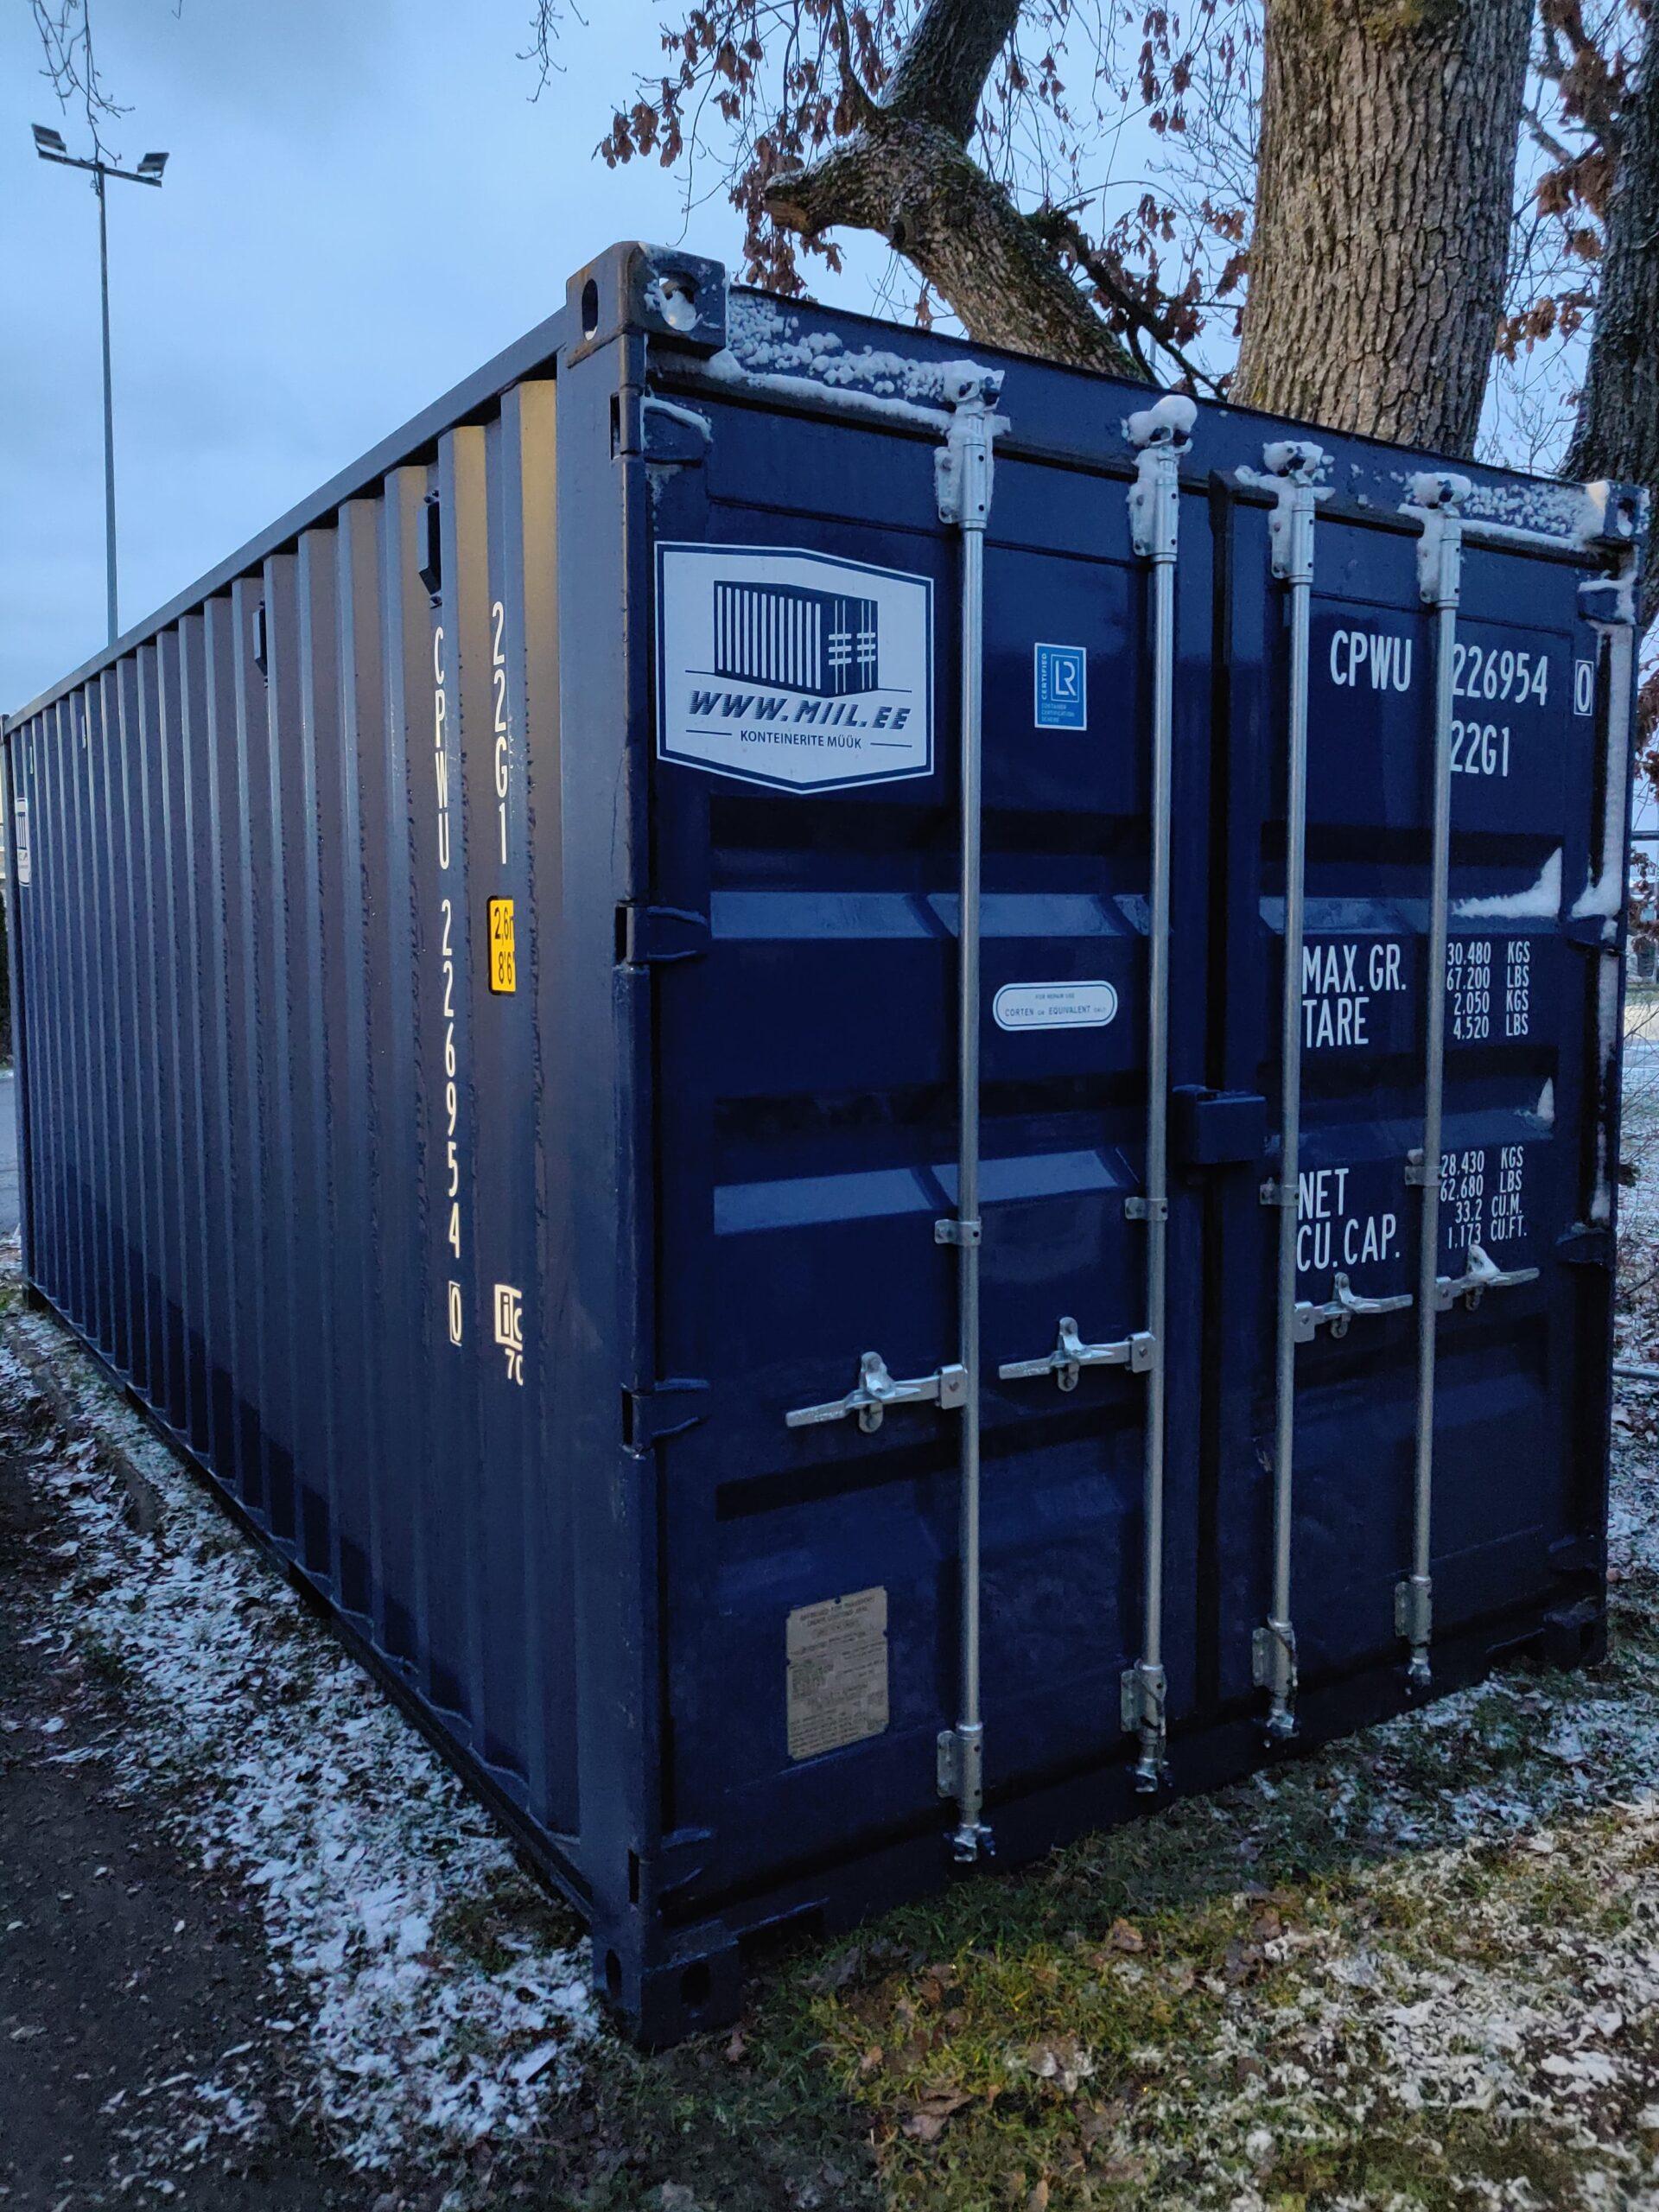 Uus konteinerladu NR 18 — CPWU2269540